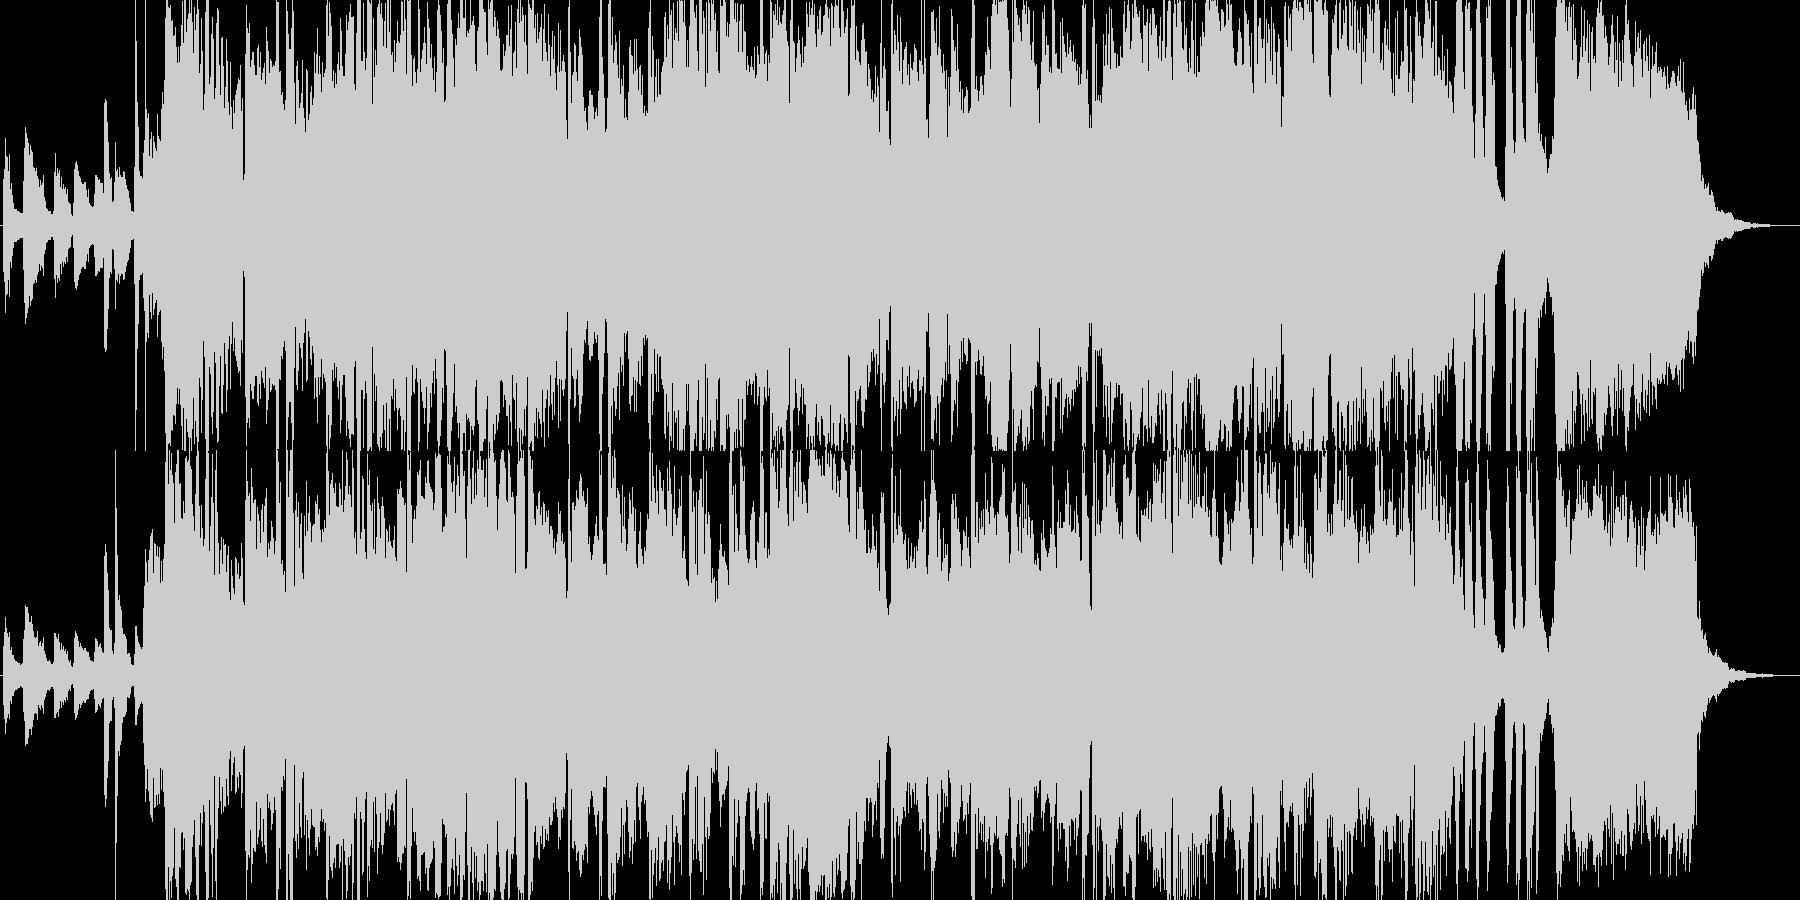 ボサノバ風の爽やかなジングルの未再生の波形